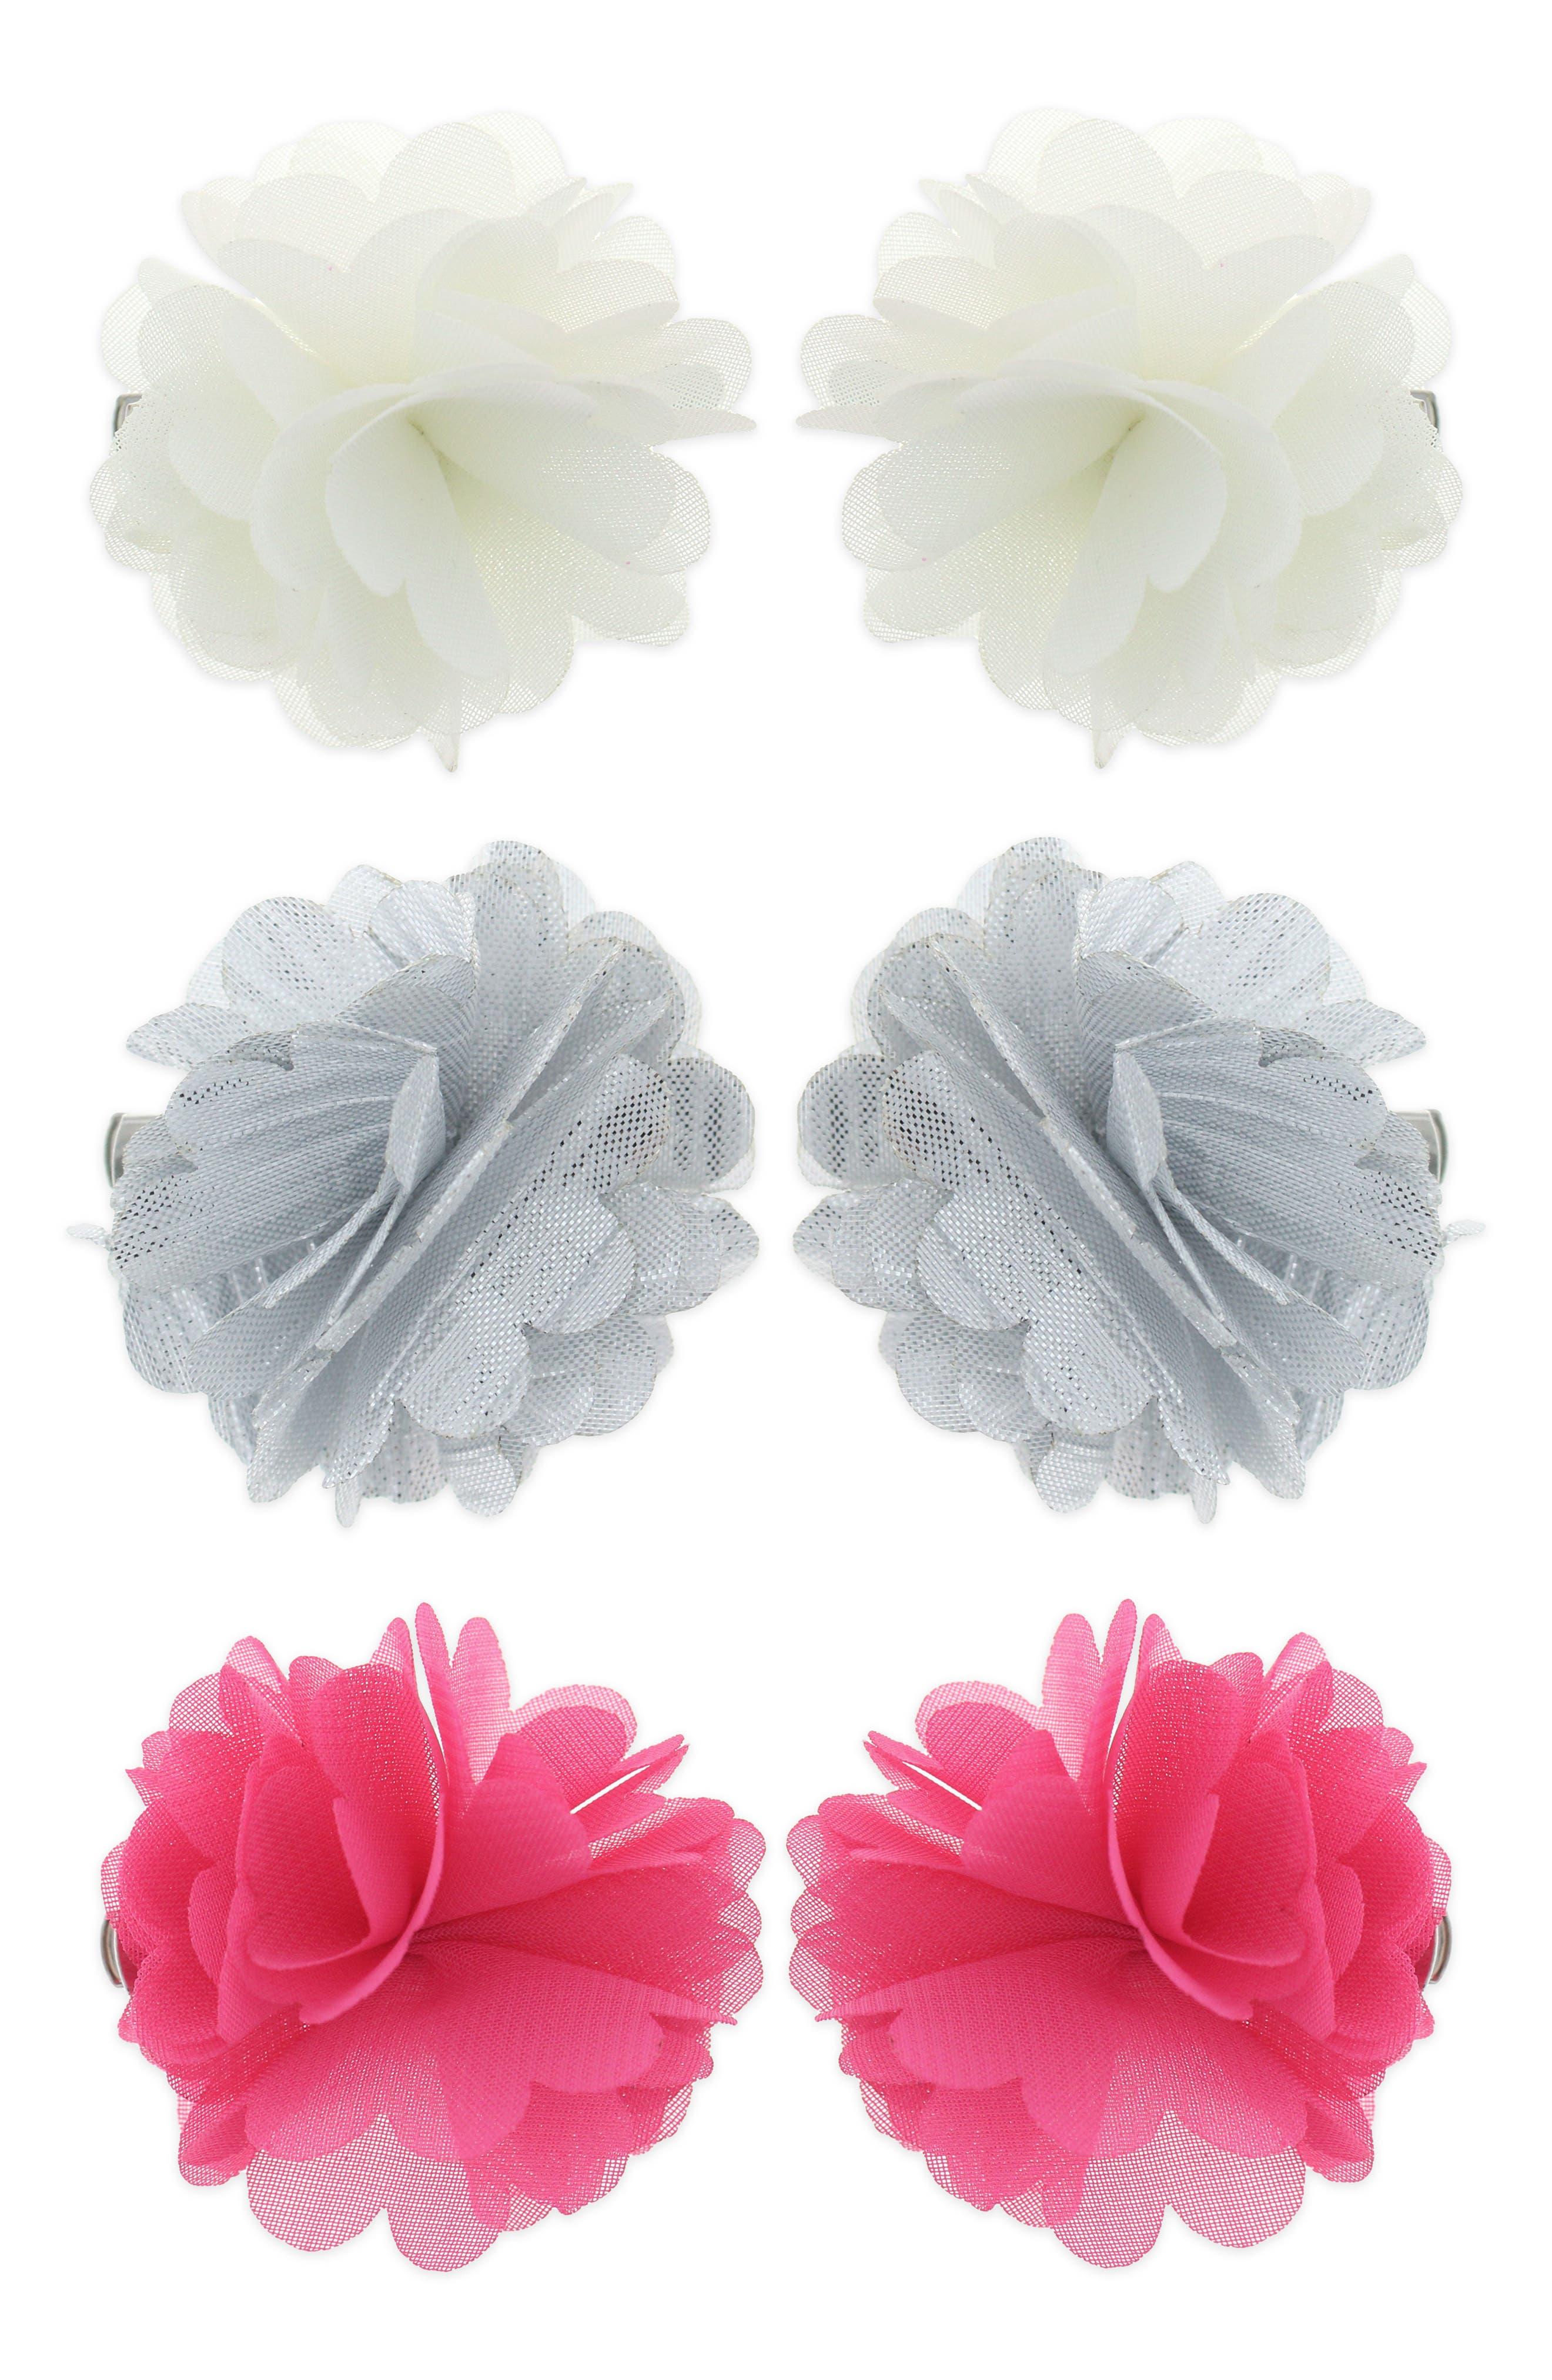 6-Piece Hair Clip Set,                             Main thumbnail 1, color,                             FUCHSIA